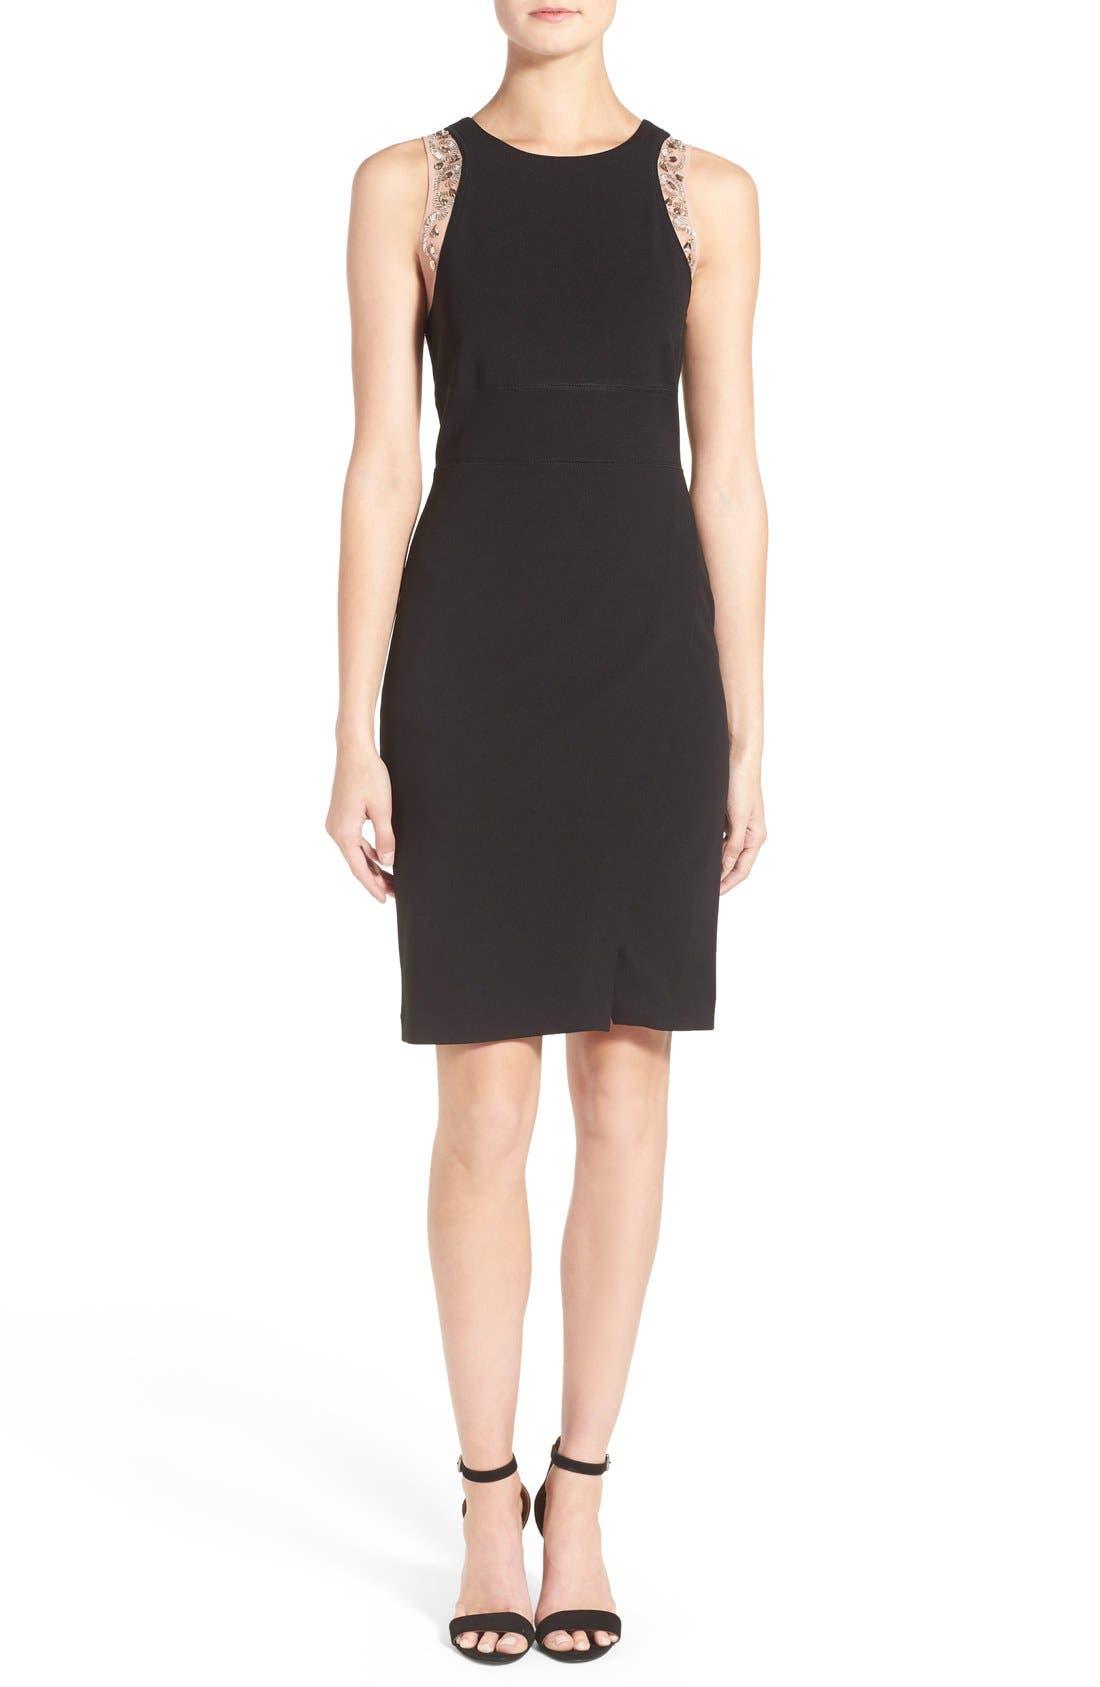 Alternate Image 1 Selected - Ivanka Trump Crepe Sleeveless Dress